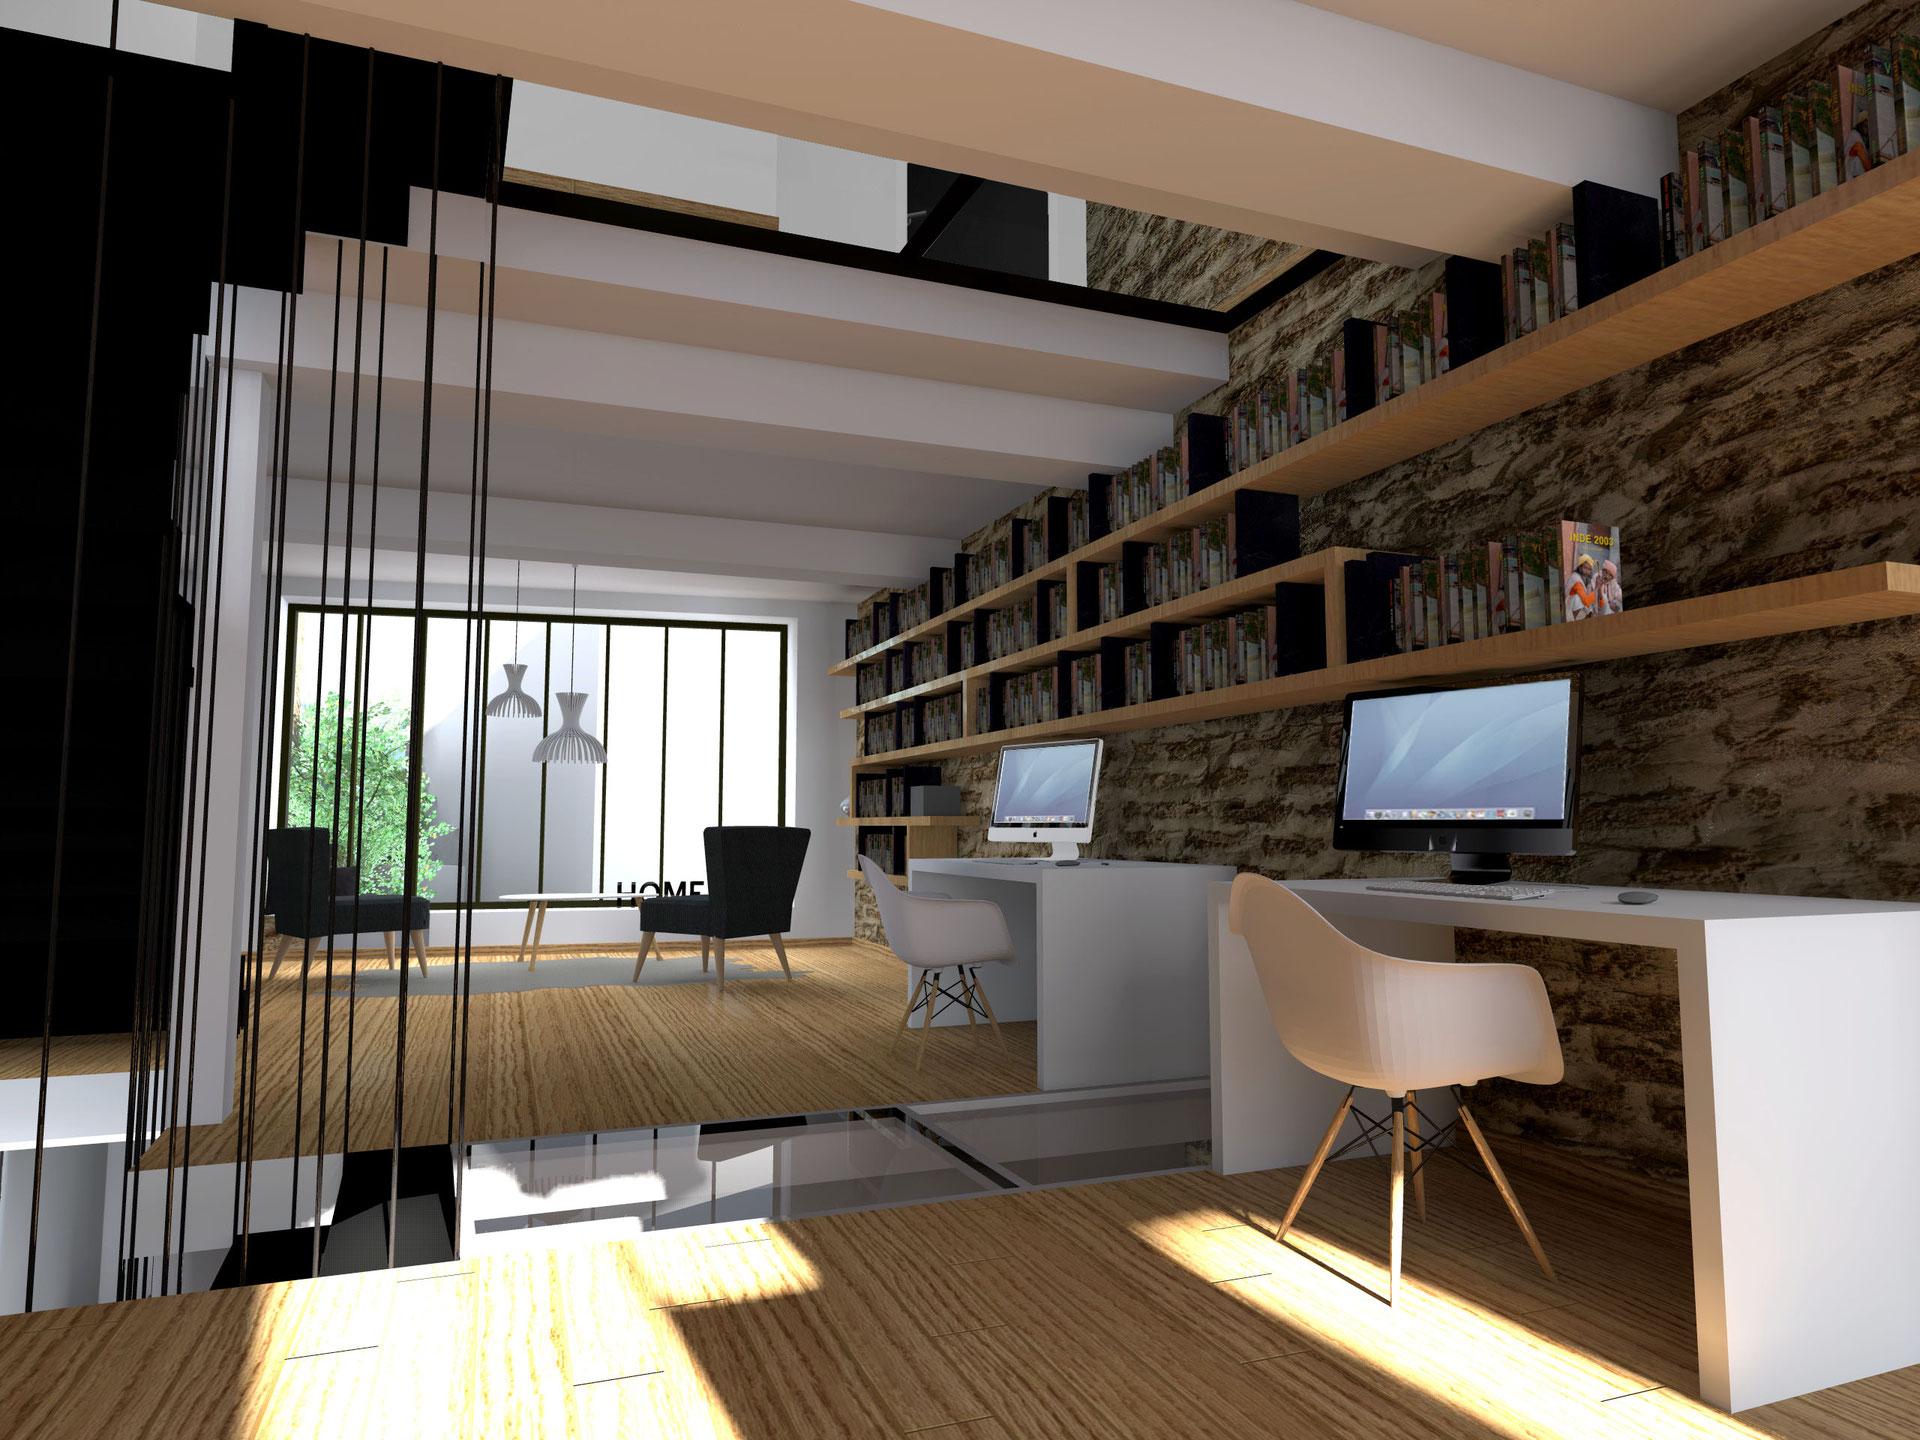 architecte d 39 int rieur sur montpellier lola fesquet architecture int rieure et valorisation. Black Bedroom Furniture Sets. Home Design Ideas